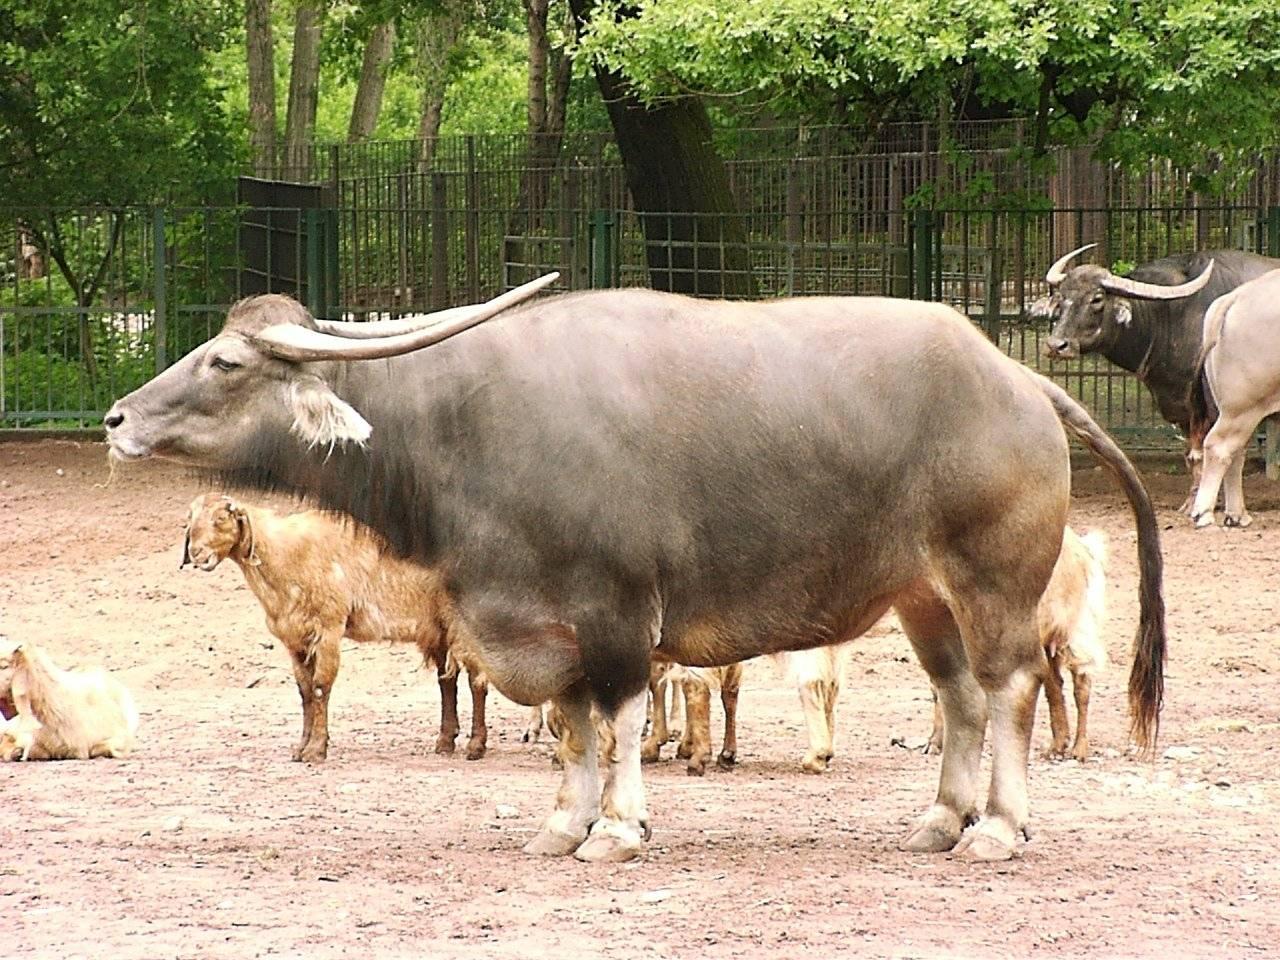 Азиатский (индийский водяной) буйвол — описание, фото, где обитает, чем питается